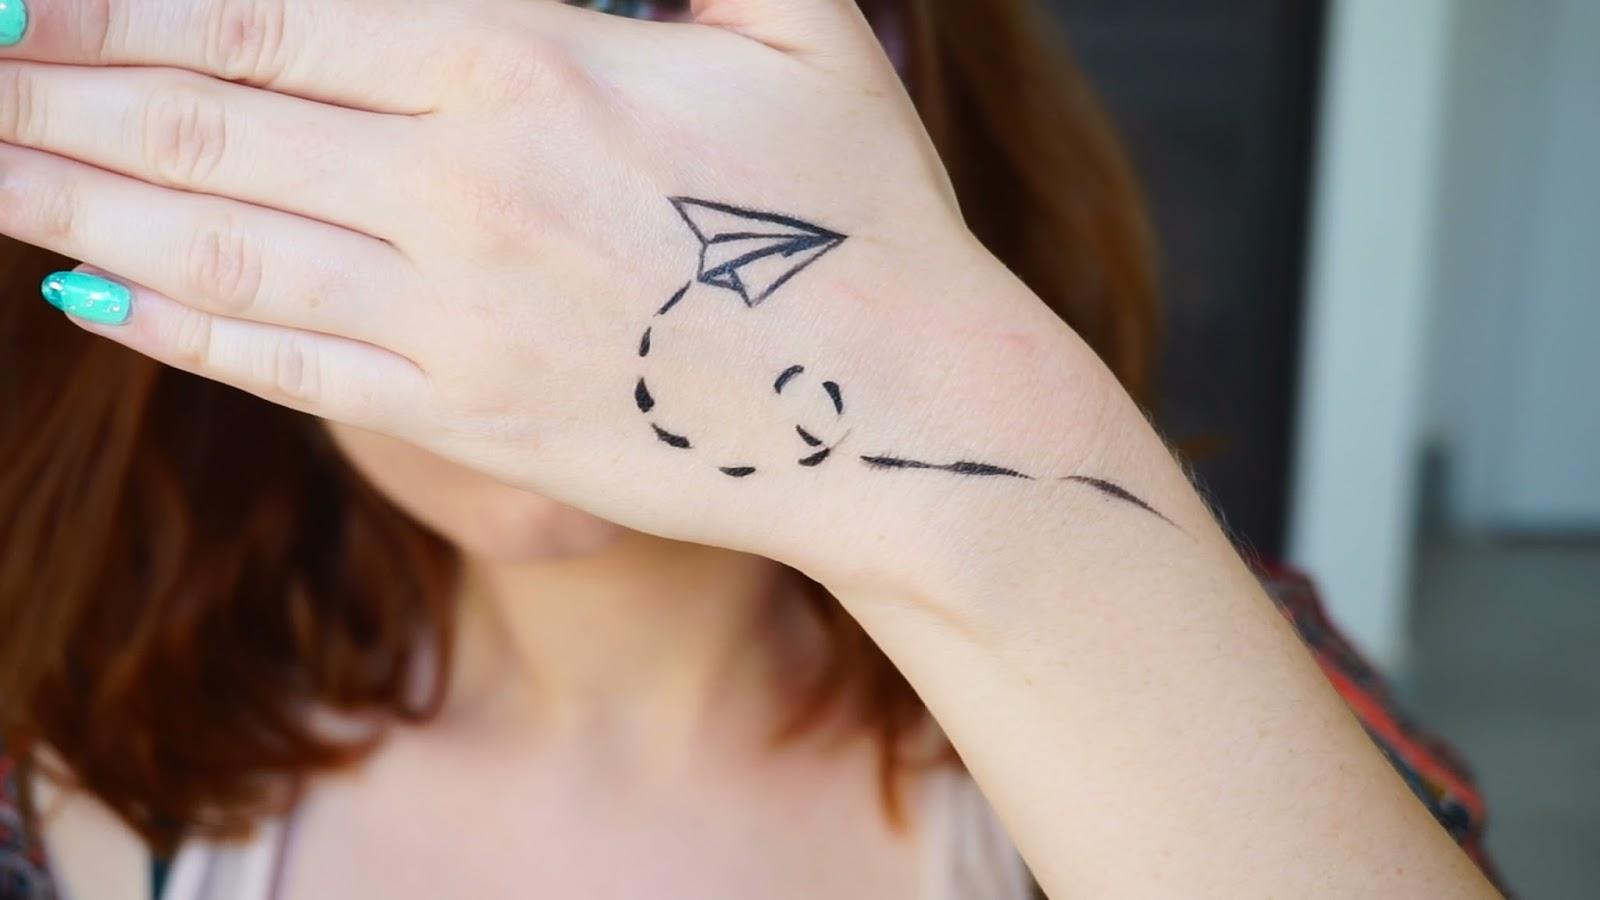 enlever les tatouages au laser tattoo removal  - peut on enlever un tatouage